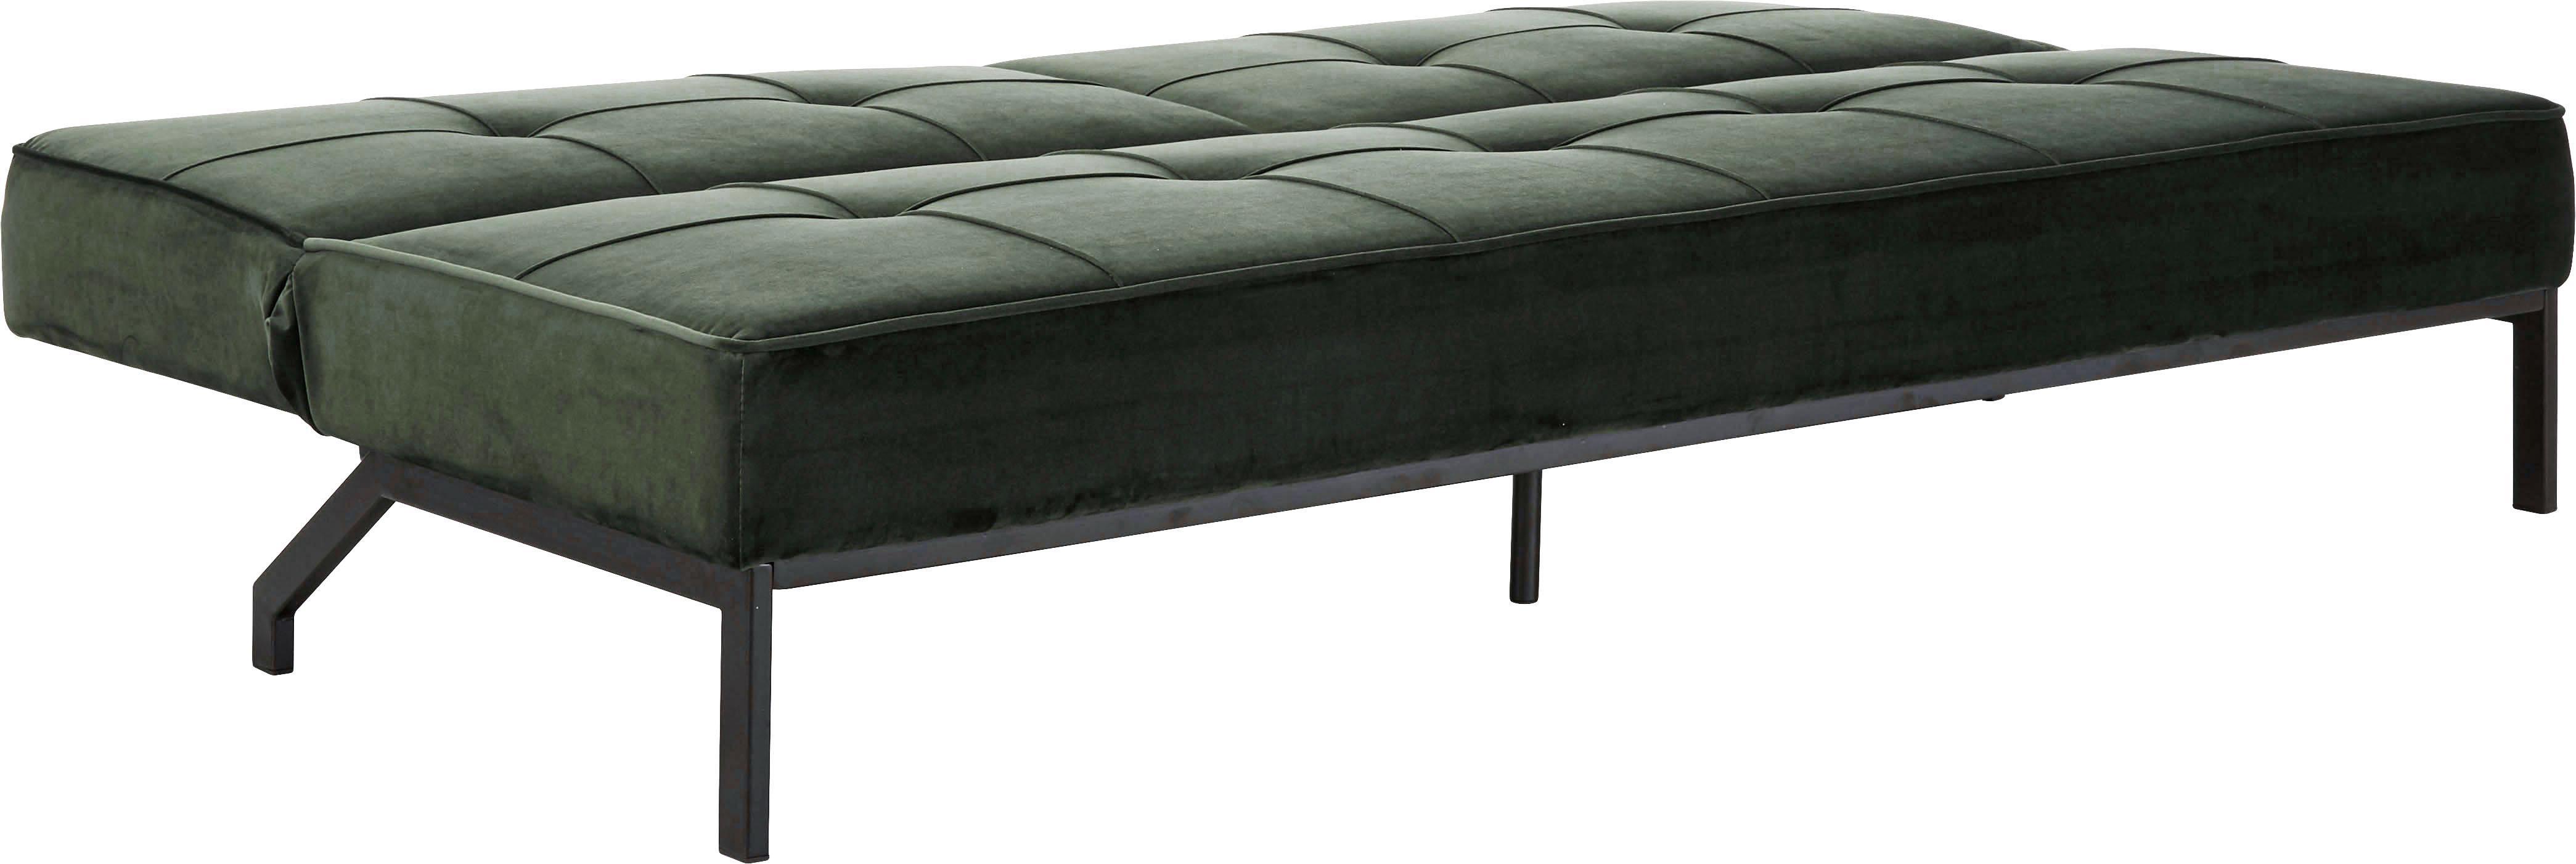 Samt-Schlafsofa Perugia in Grün, Bezug: Polyester Der hochwertige, Samt Grün, B 198 x T 95 cm